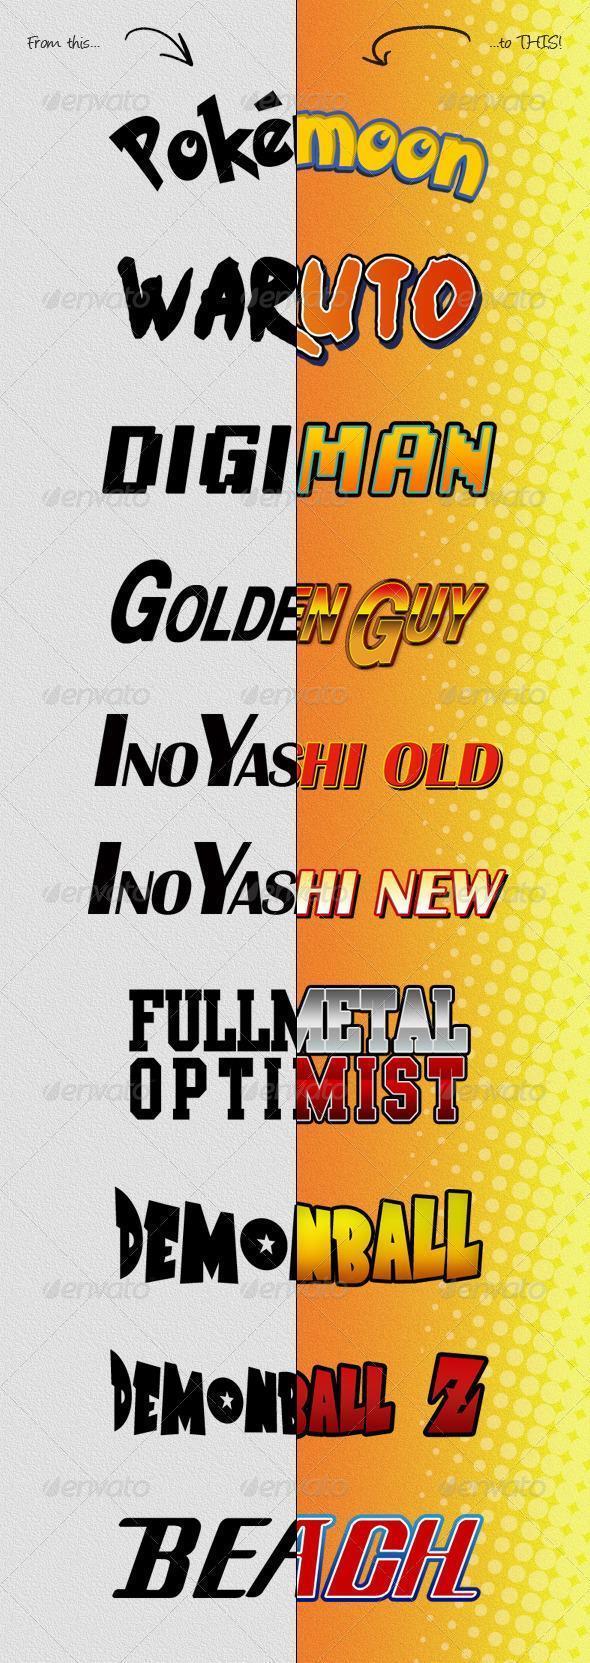 Anime and Manga Photoshop Styles